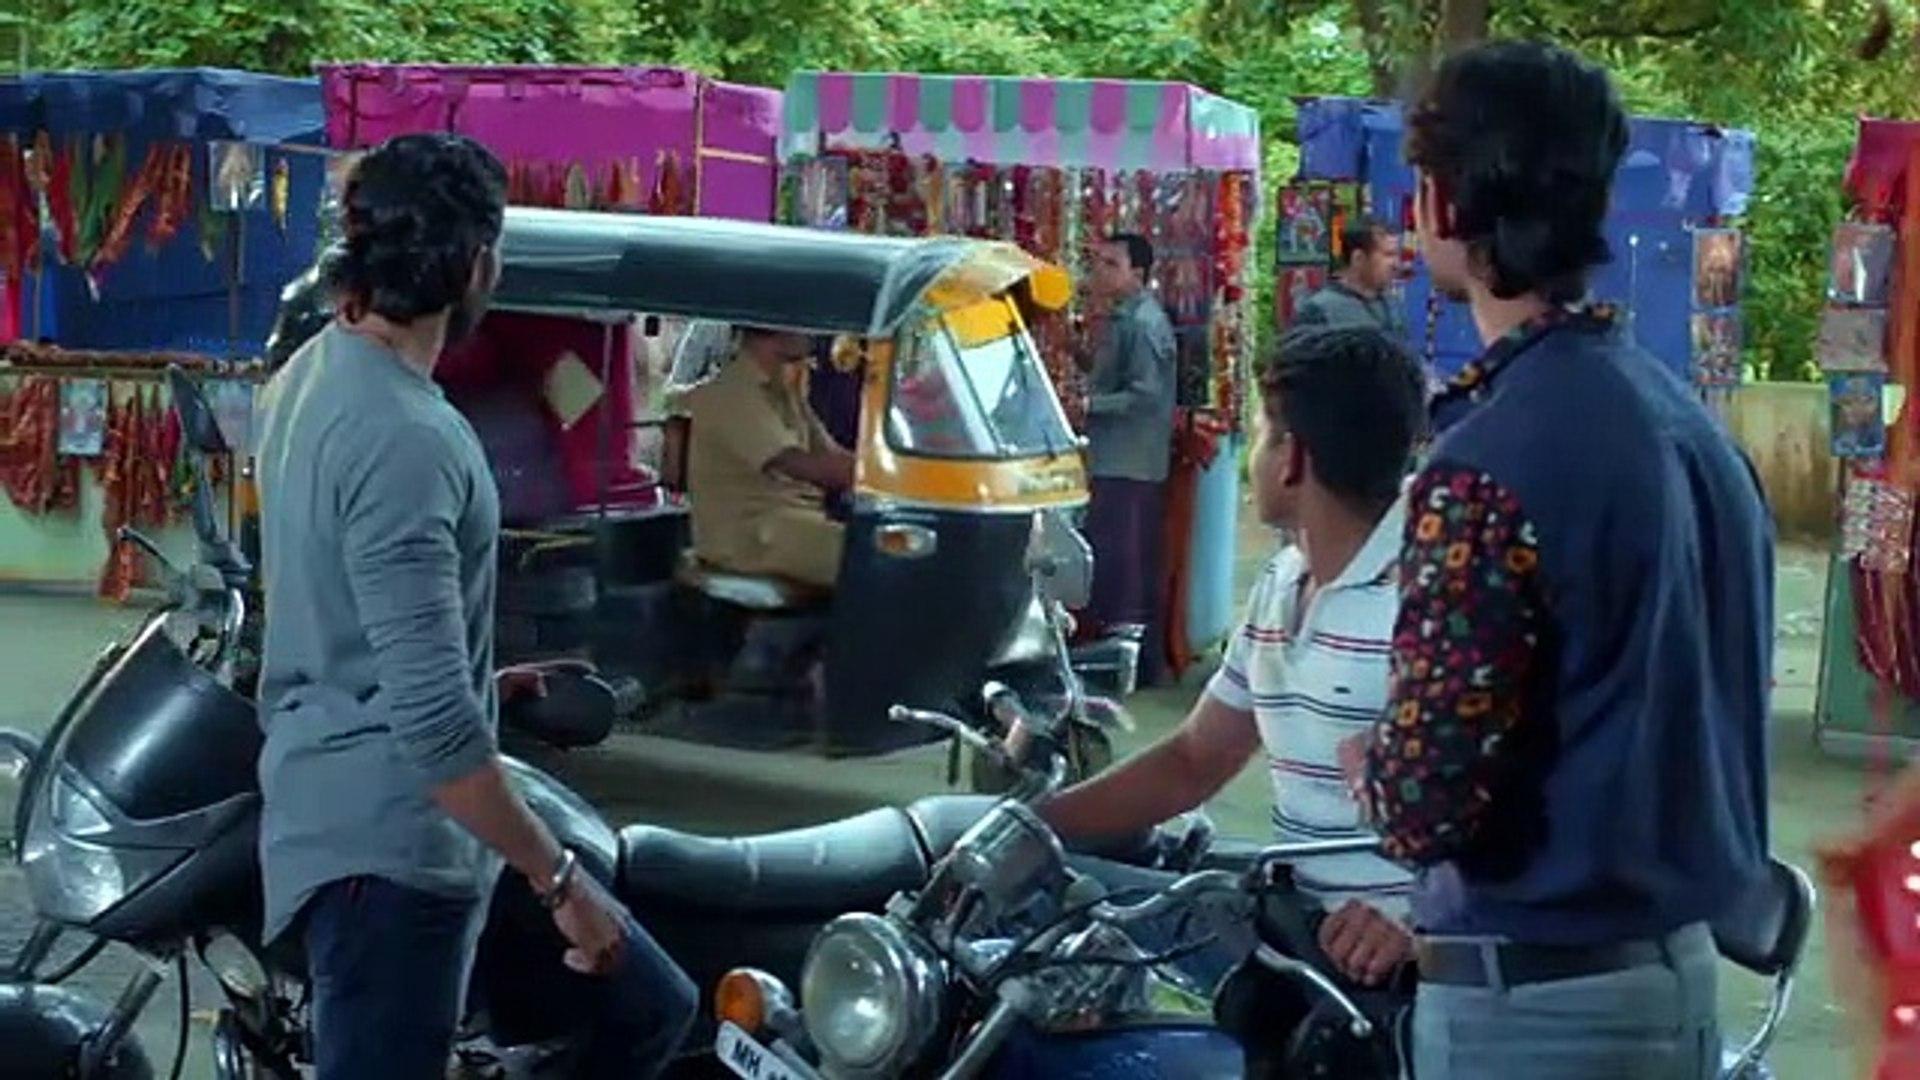 Khi Người Giàu Yêu Tập 42 , Phim Ấn Độ, HTV7 Raw, Phim Khi Nguoi Giau Yeu Tap 42